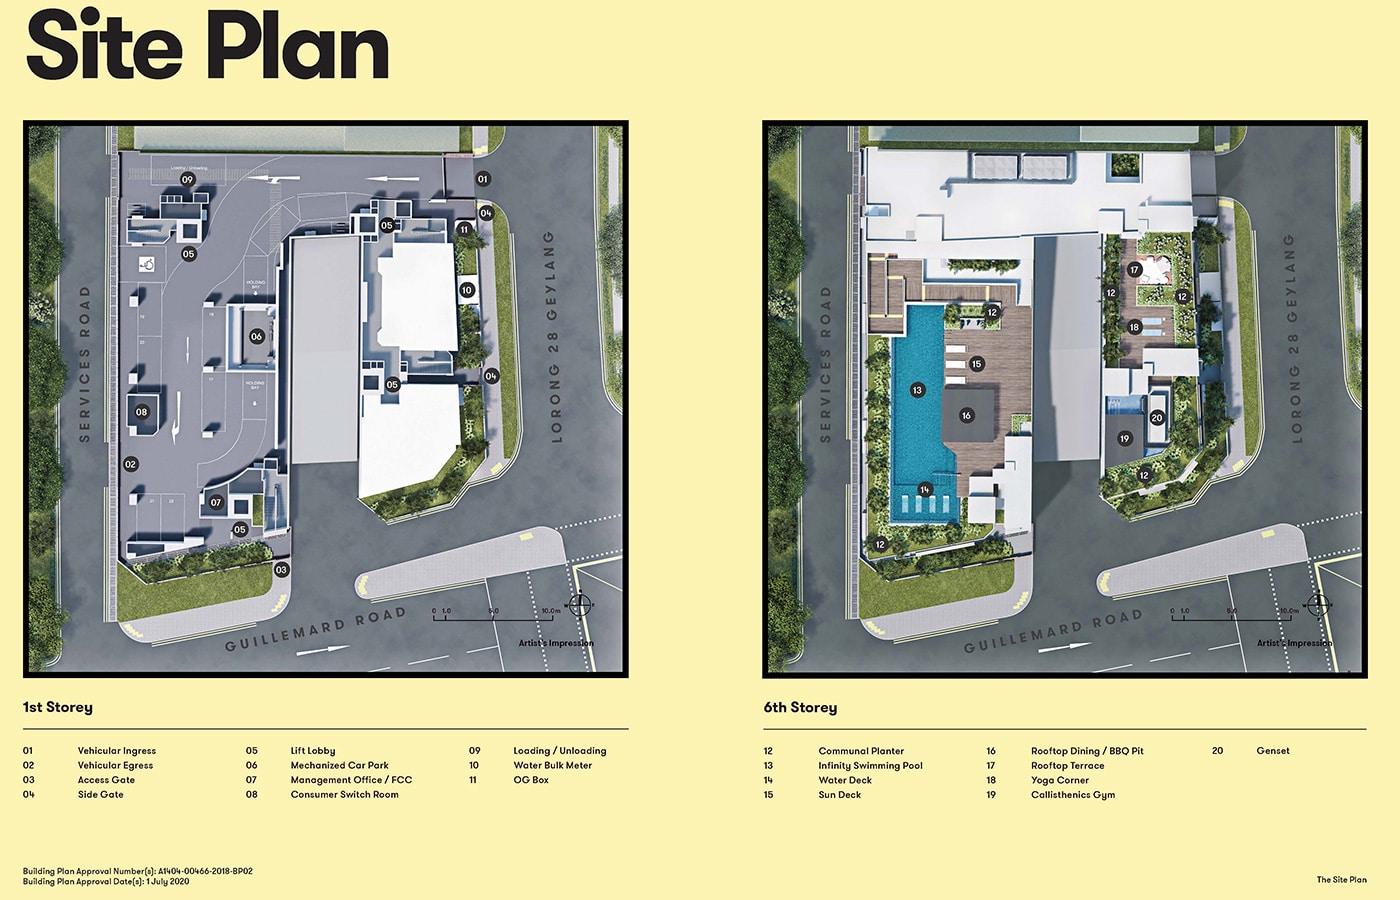 NoMa Condo Facilities - Site Plan